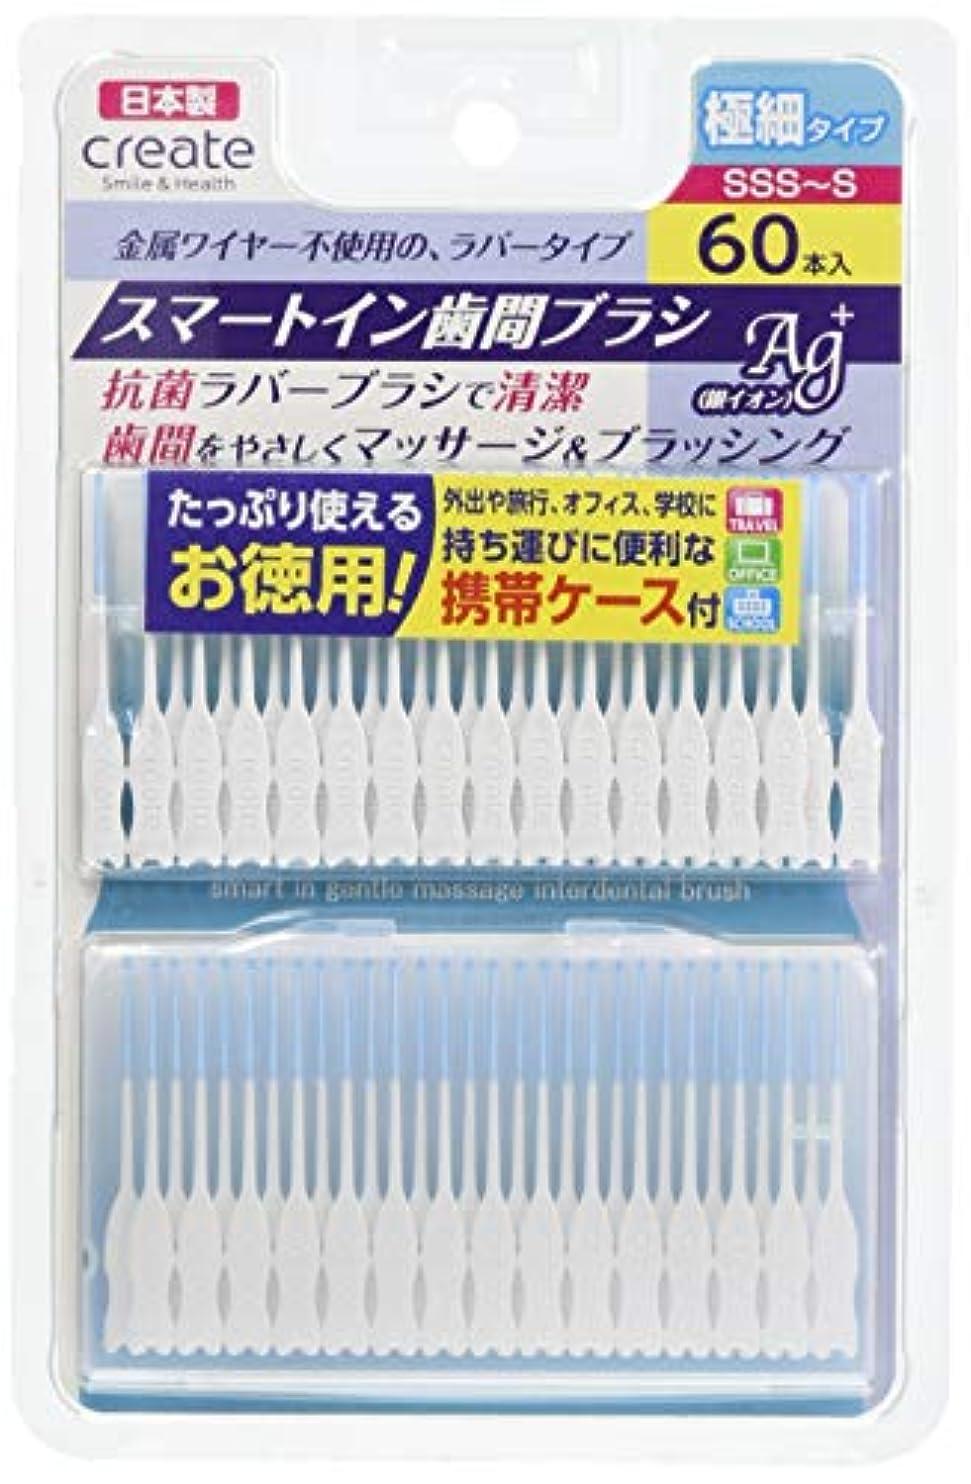 実験案件カセットスマートイン歯間ブラシ 極細タイプ SSS-S 60本入